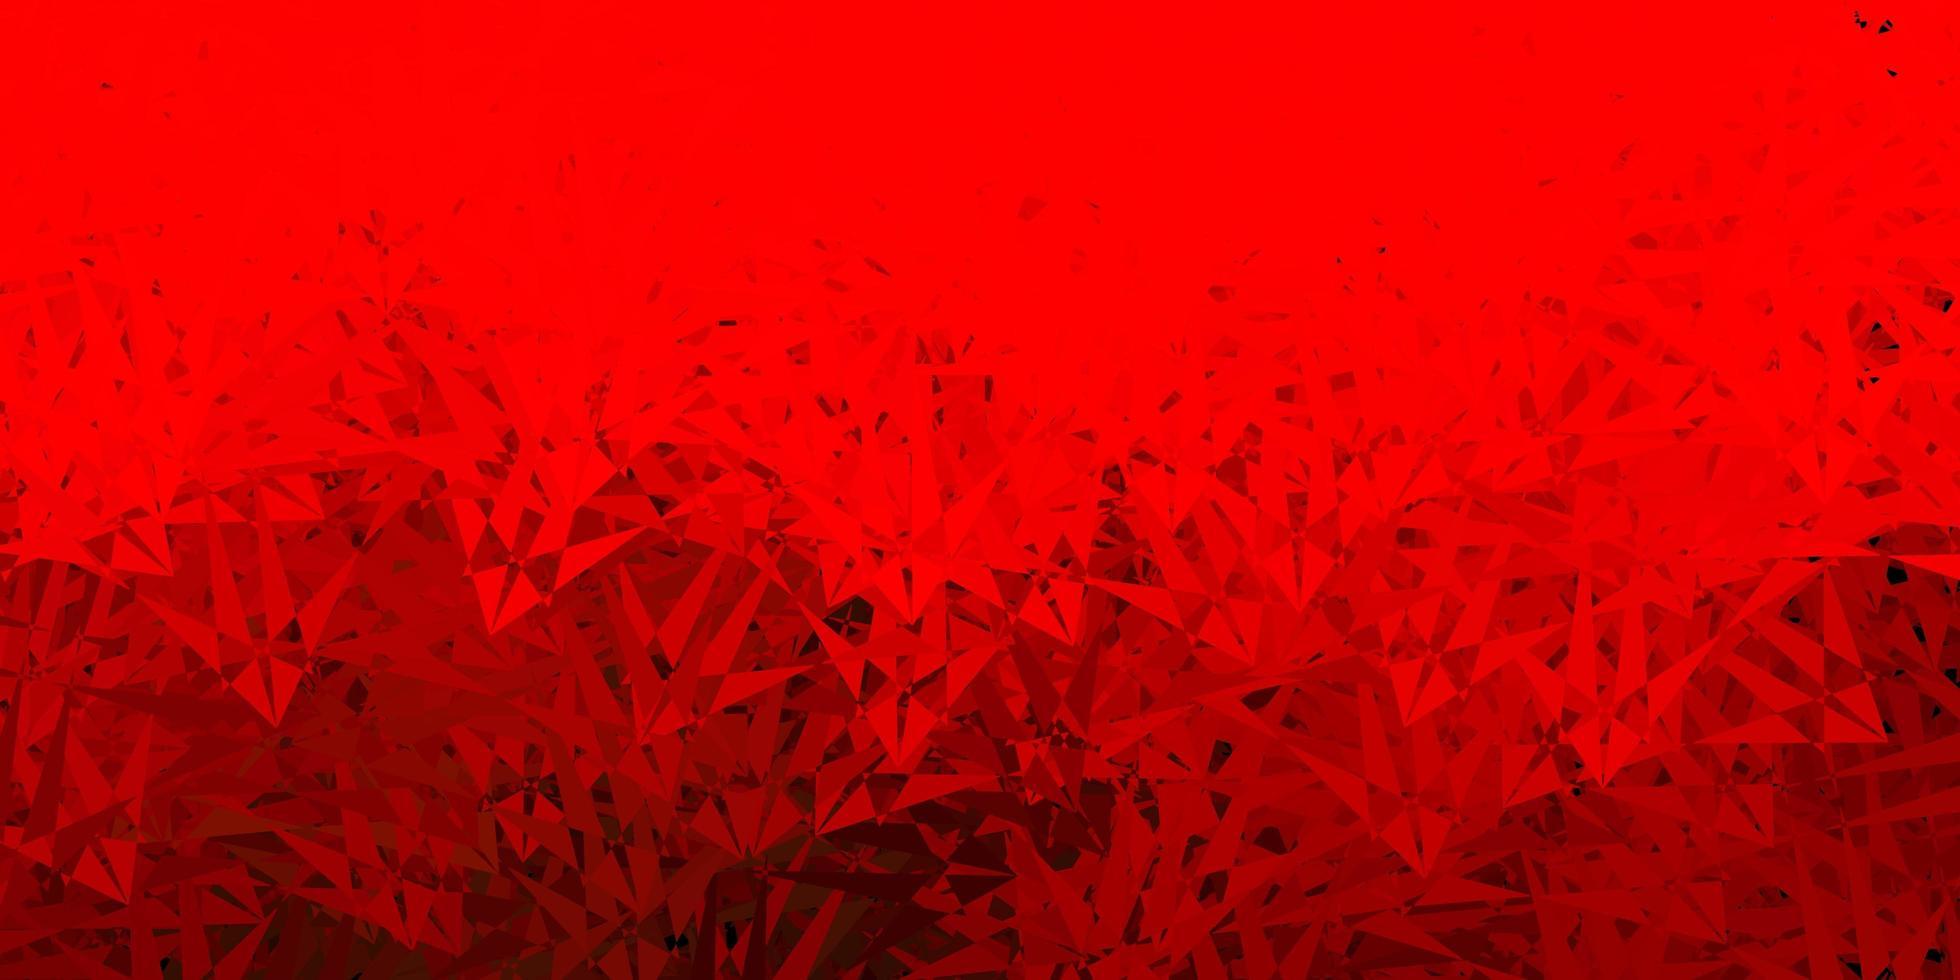 modèle rouge foncé avec des formes triangulaires. vecteur